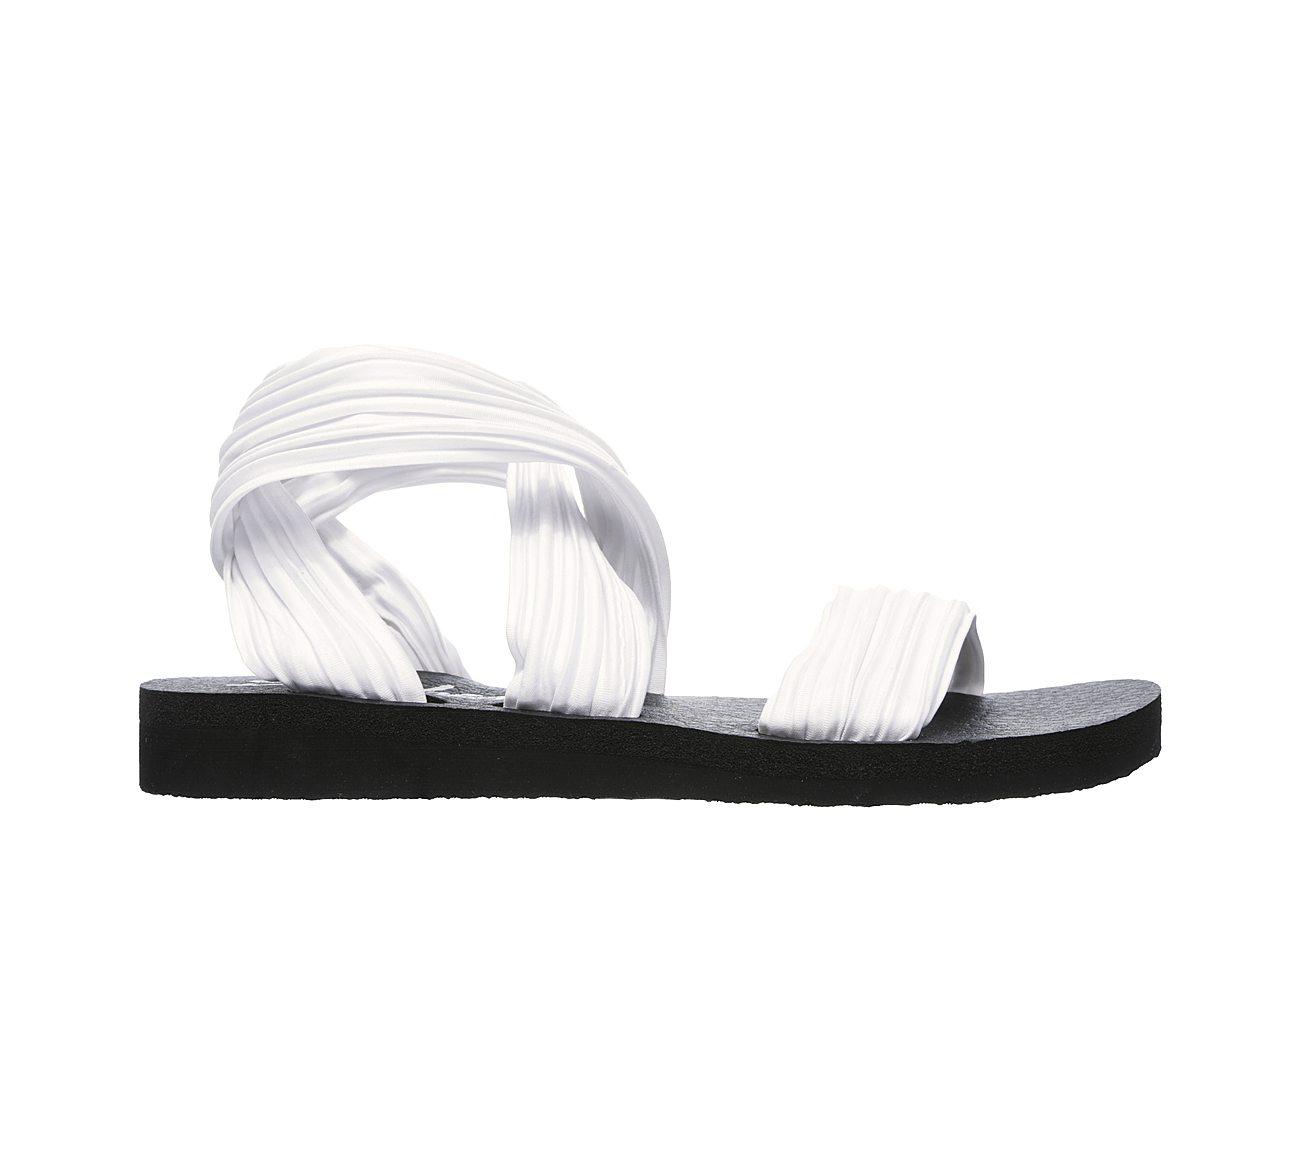 06337b52b3aa Buy SKECHERS Meditation - Still Sky SKECHERS Cali Shoes only £29.00